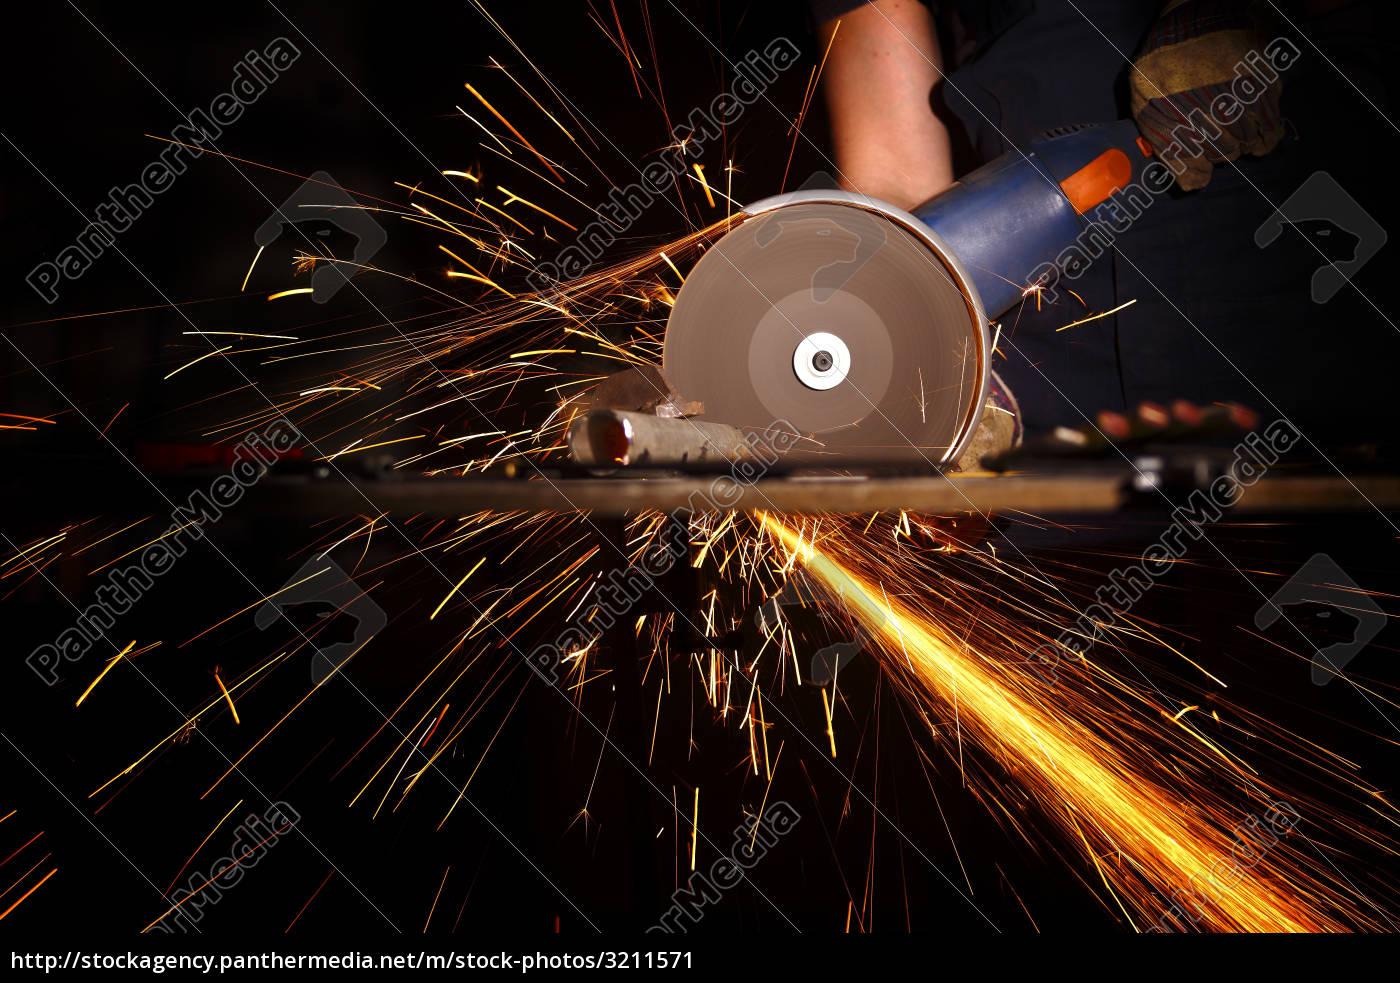 grinder, in, action - 3211571